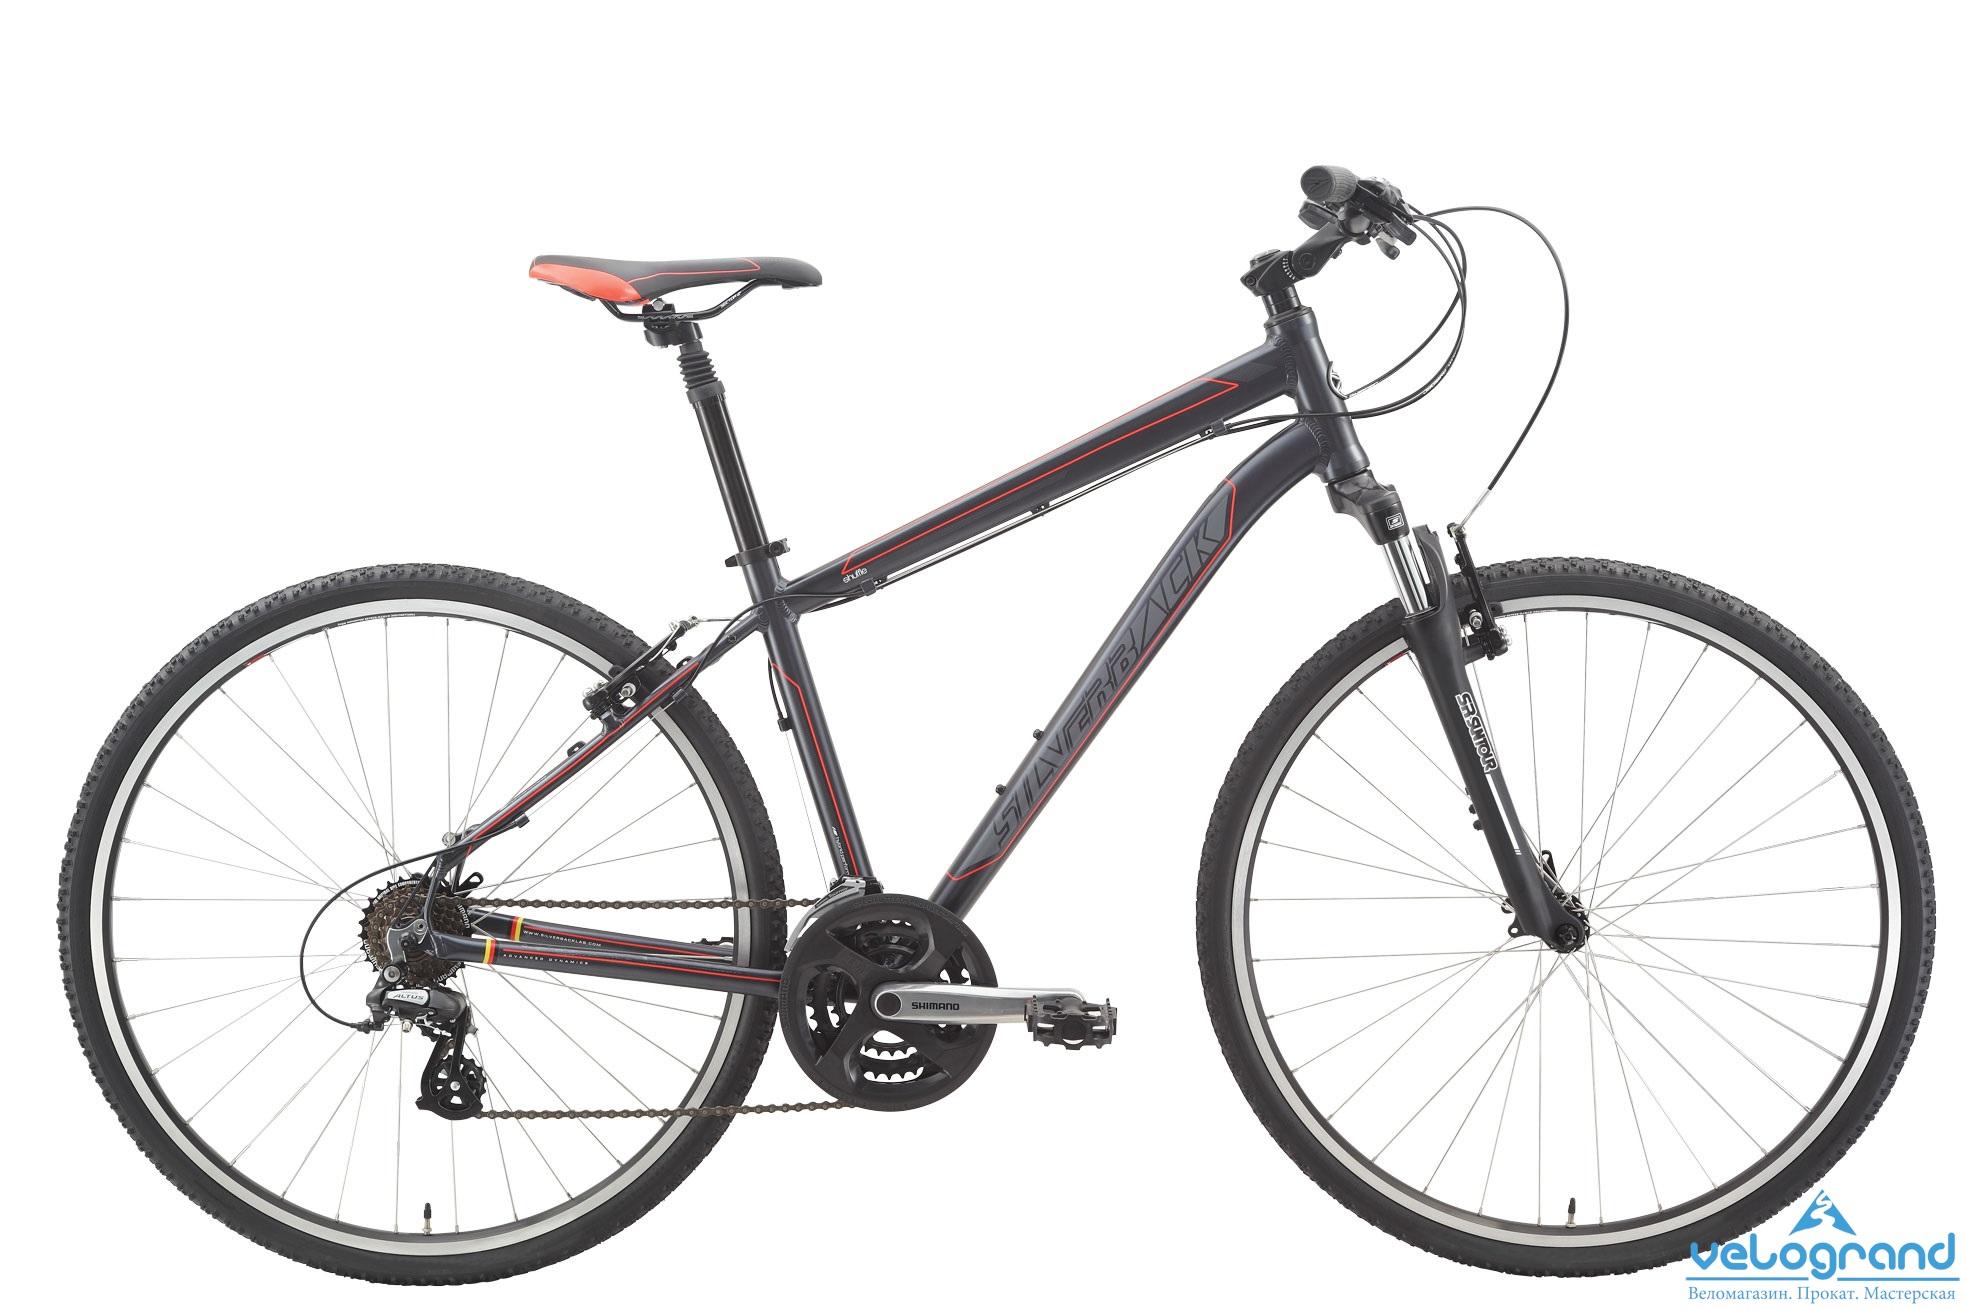 """Городской велосипед Silverback Shuffle Sport (2015)Рама<br><br>Silverback Proprietary 700c, алюминий 6061, Cross Trail, рулевая труба 1 ?"""", дропауты 135 мм QR, крепления подножки, крыльев и багажника, крепление дискового тормоза, съемный петух<br><br>Модельный год: 2015<br>Производитель: Silverback<br>Материал рамы: Алюминий<br>Диаметр колес: 28 дюймов<br>Количество скоростей: 24 скорости<br>Возраст: Взрослый<br>Тип тормозов: Ободные<br>Страна: Германия"""